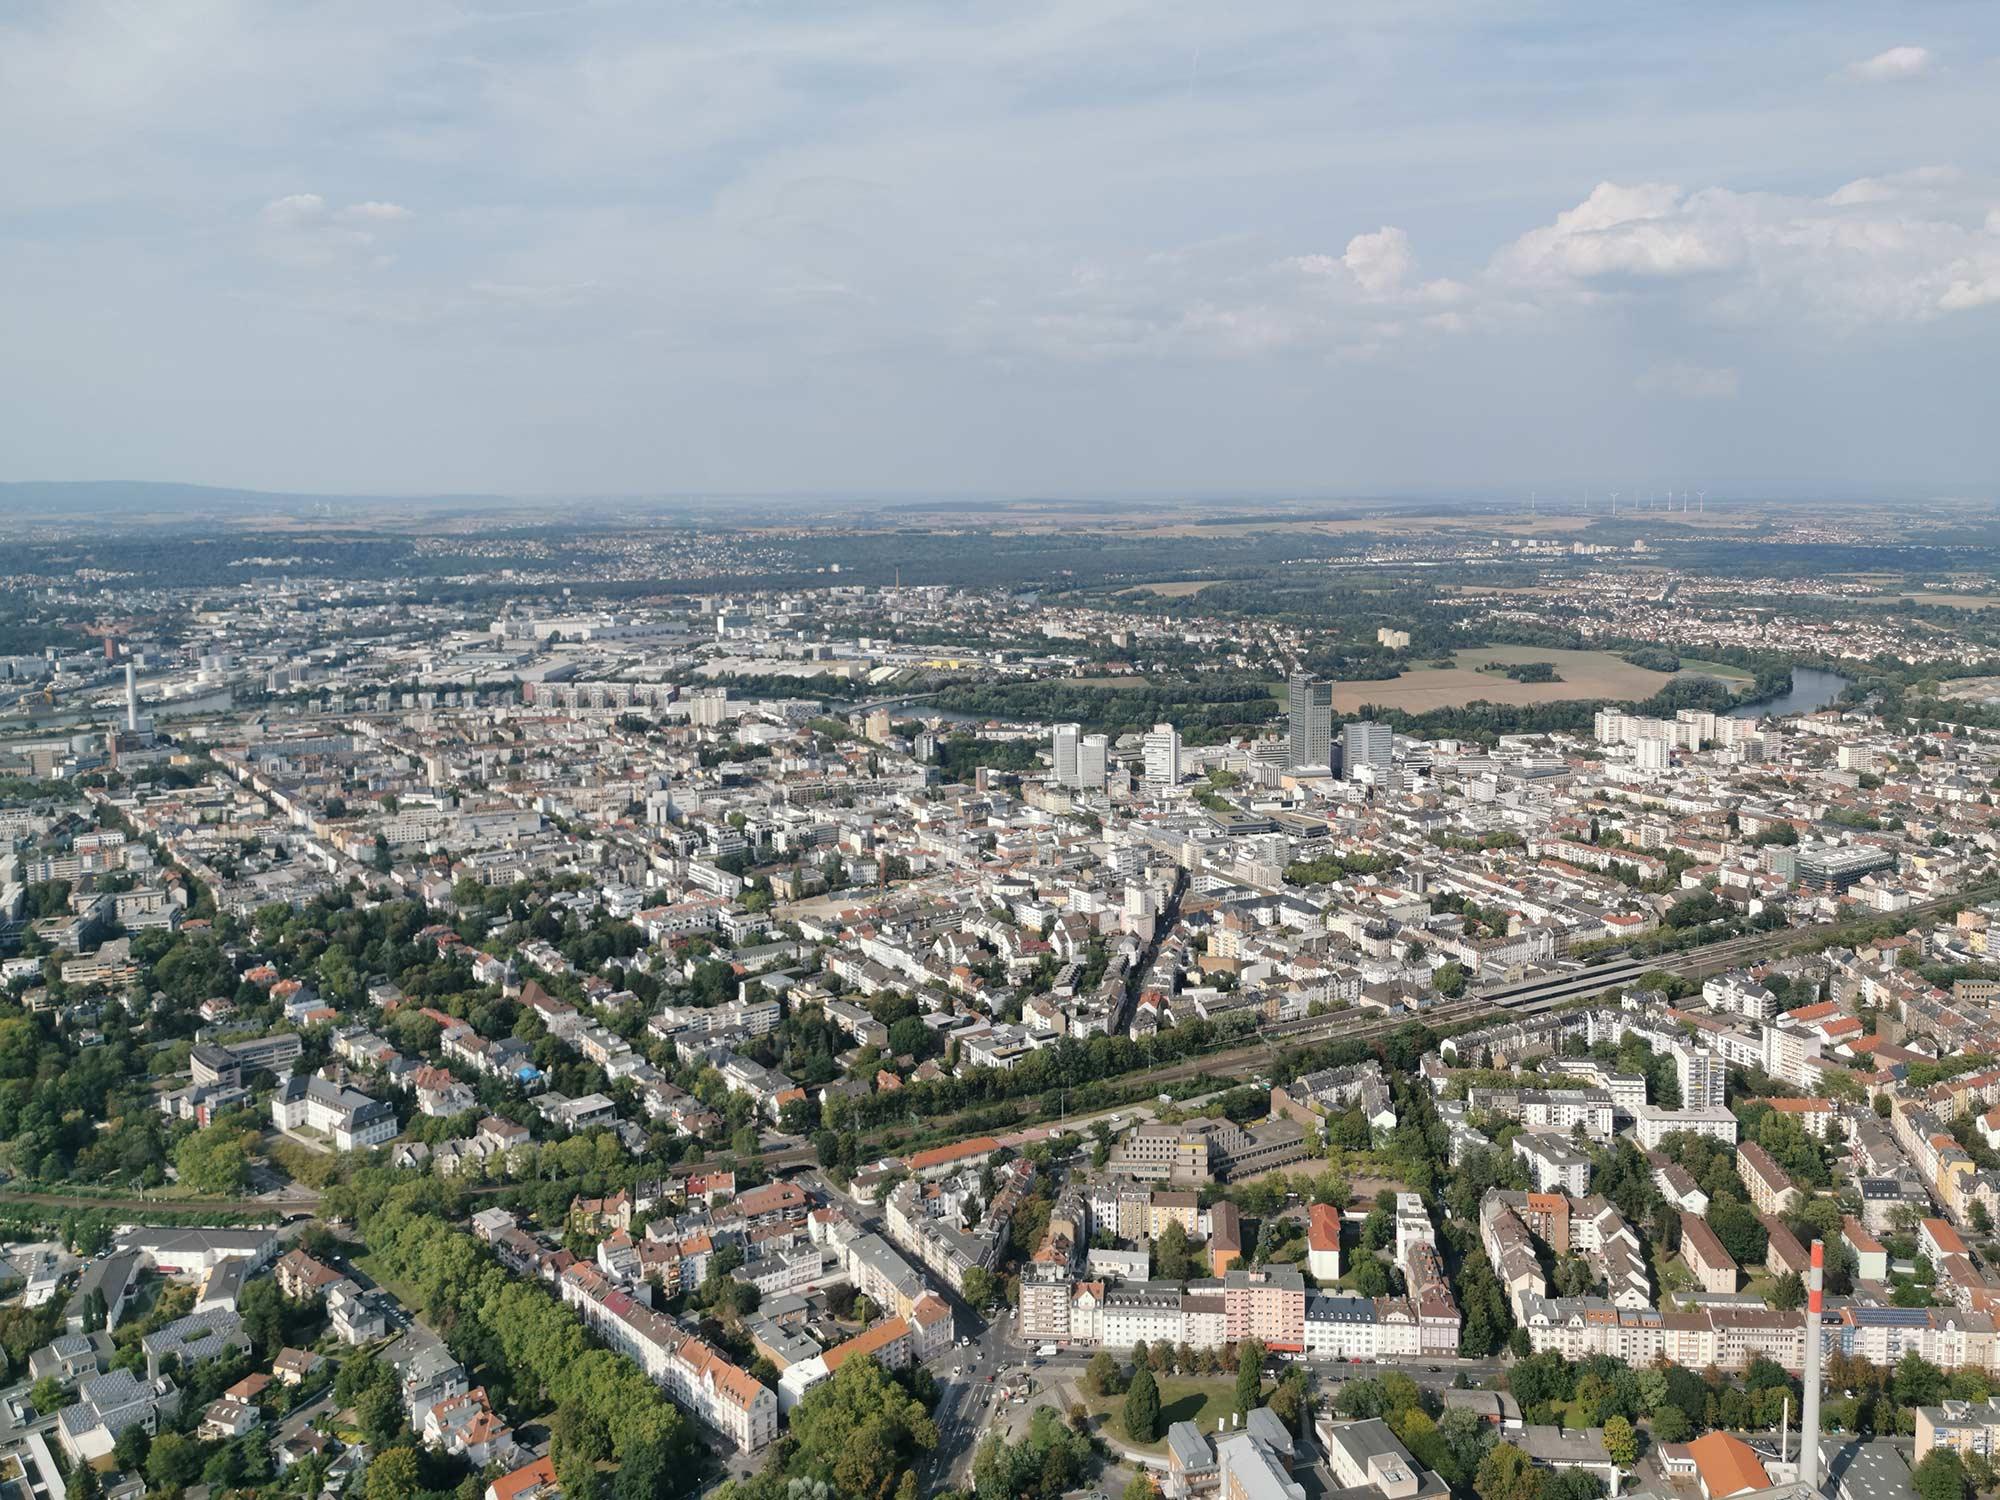 Panorama-Foto Offenbach am Main - Skyline von Offenbach - aus dem Hubschrauber gesehen im August 2019